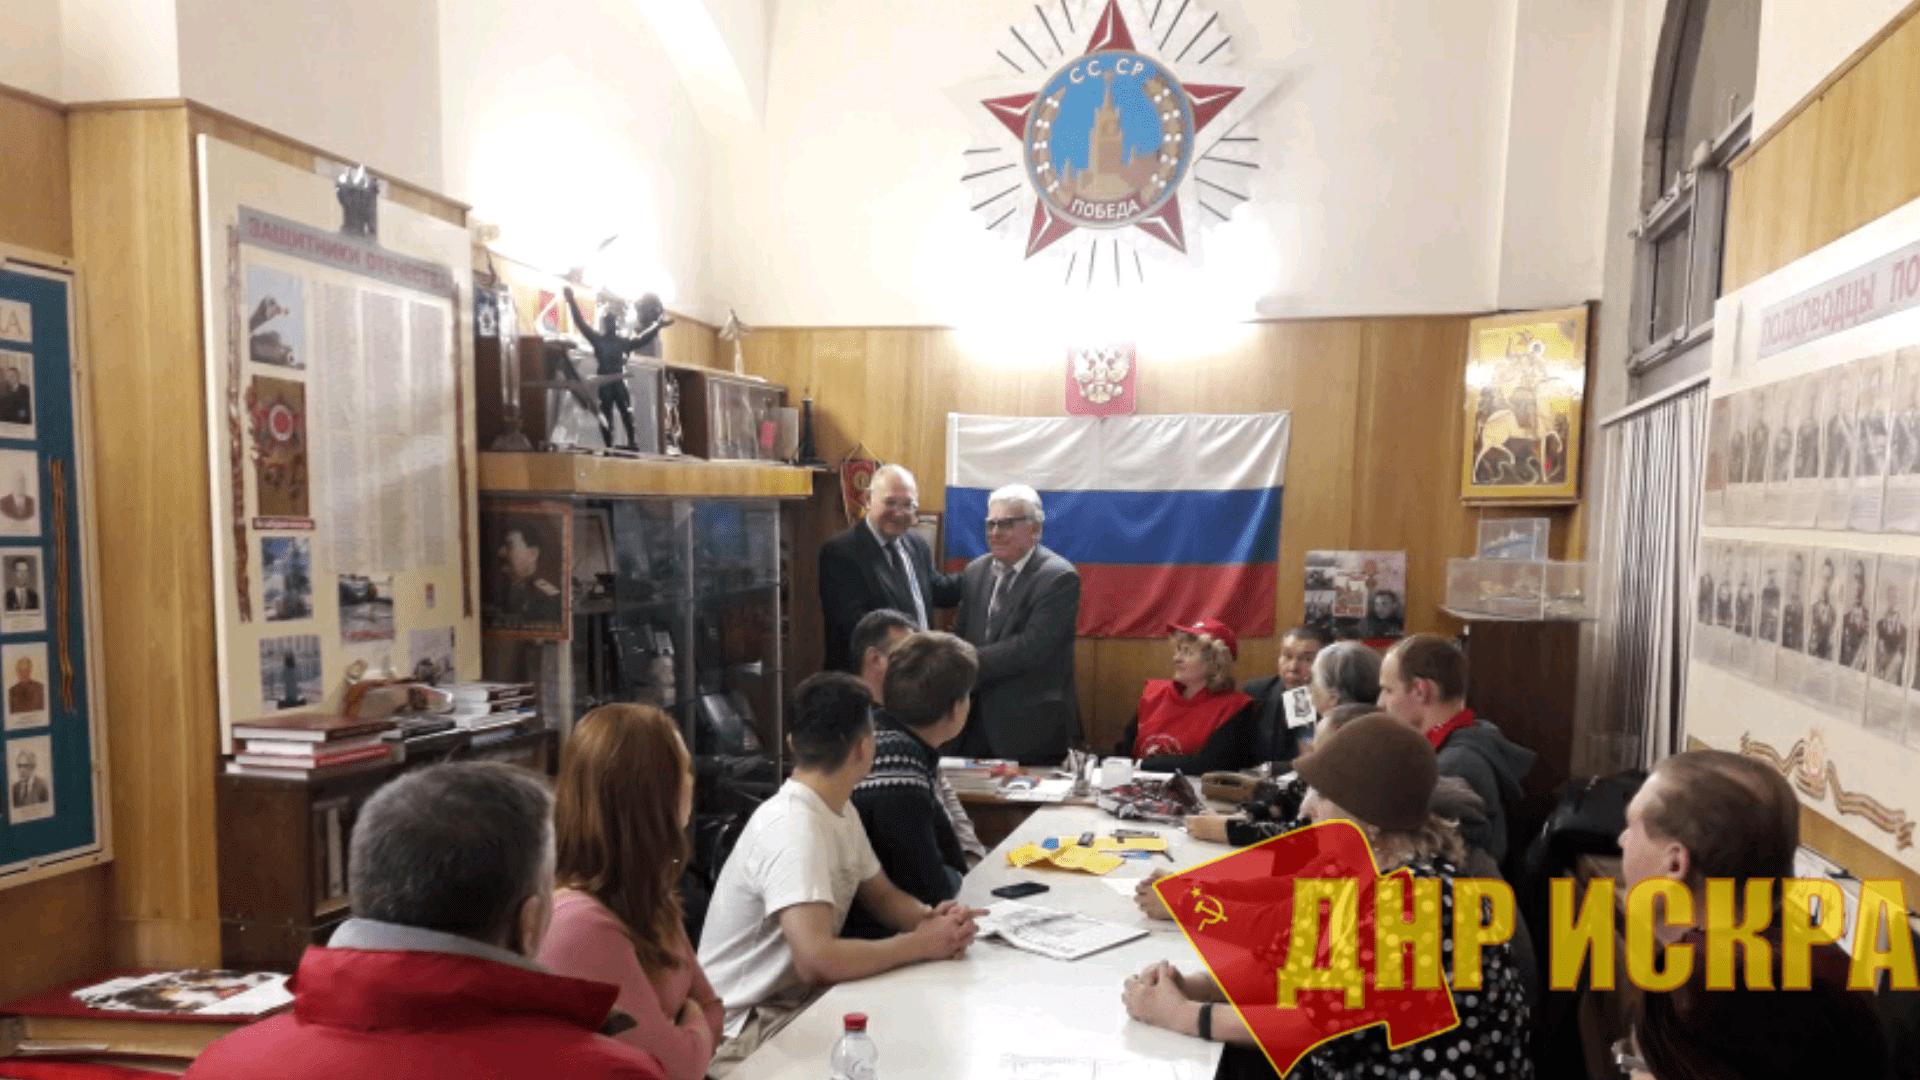 Новости КПДНР. Коммунисты Москвы выразили свою поддержку народу ДНР